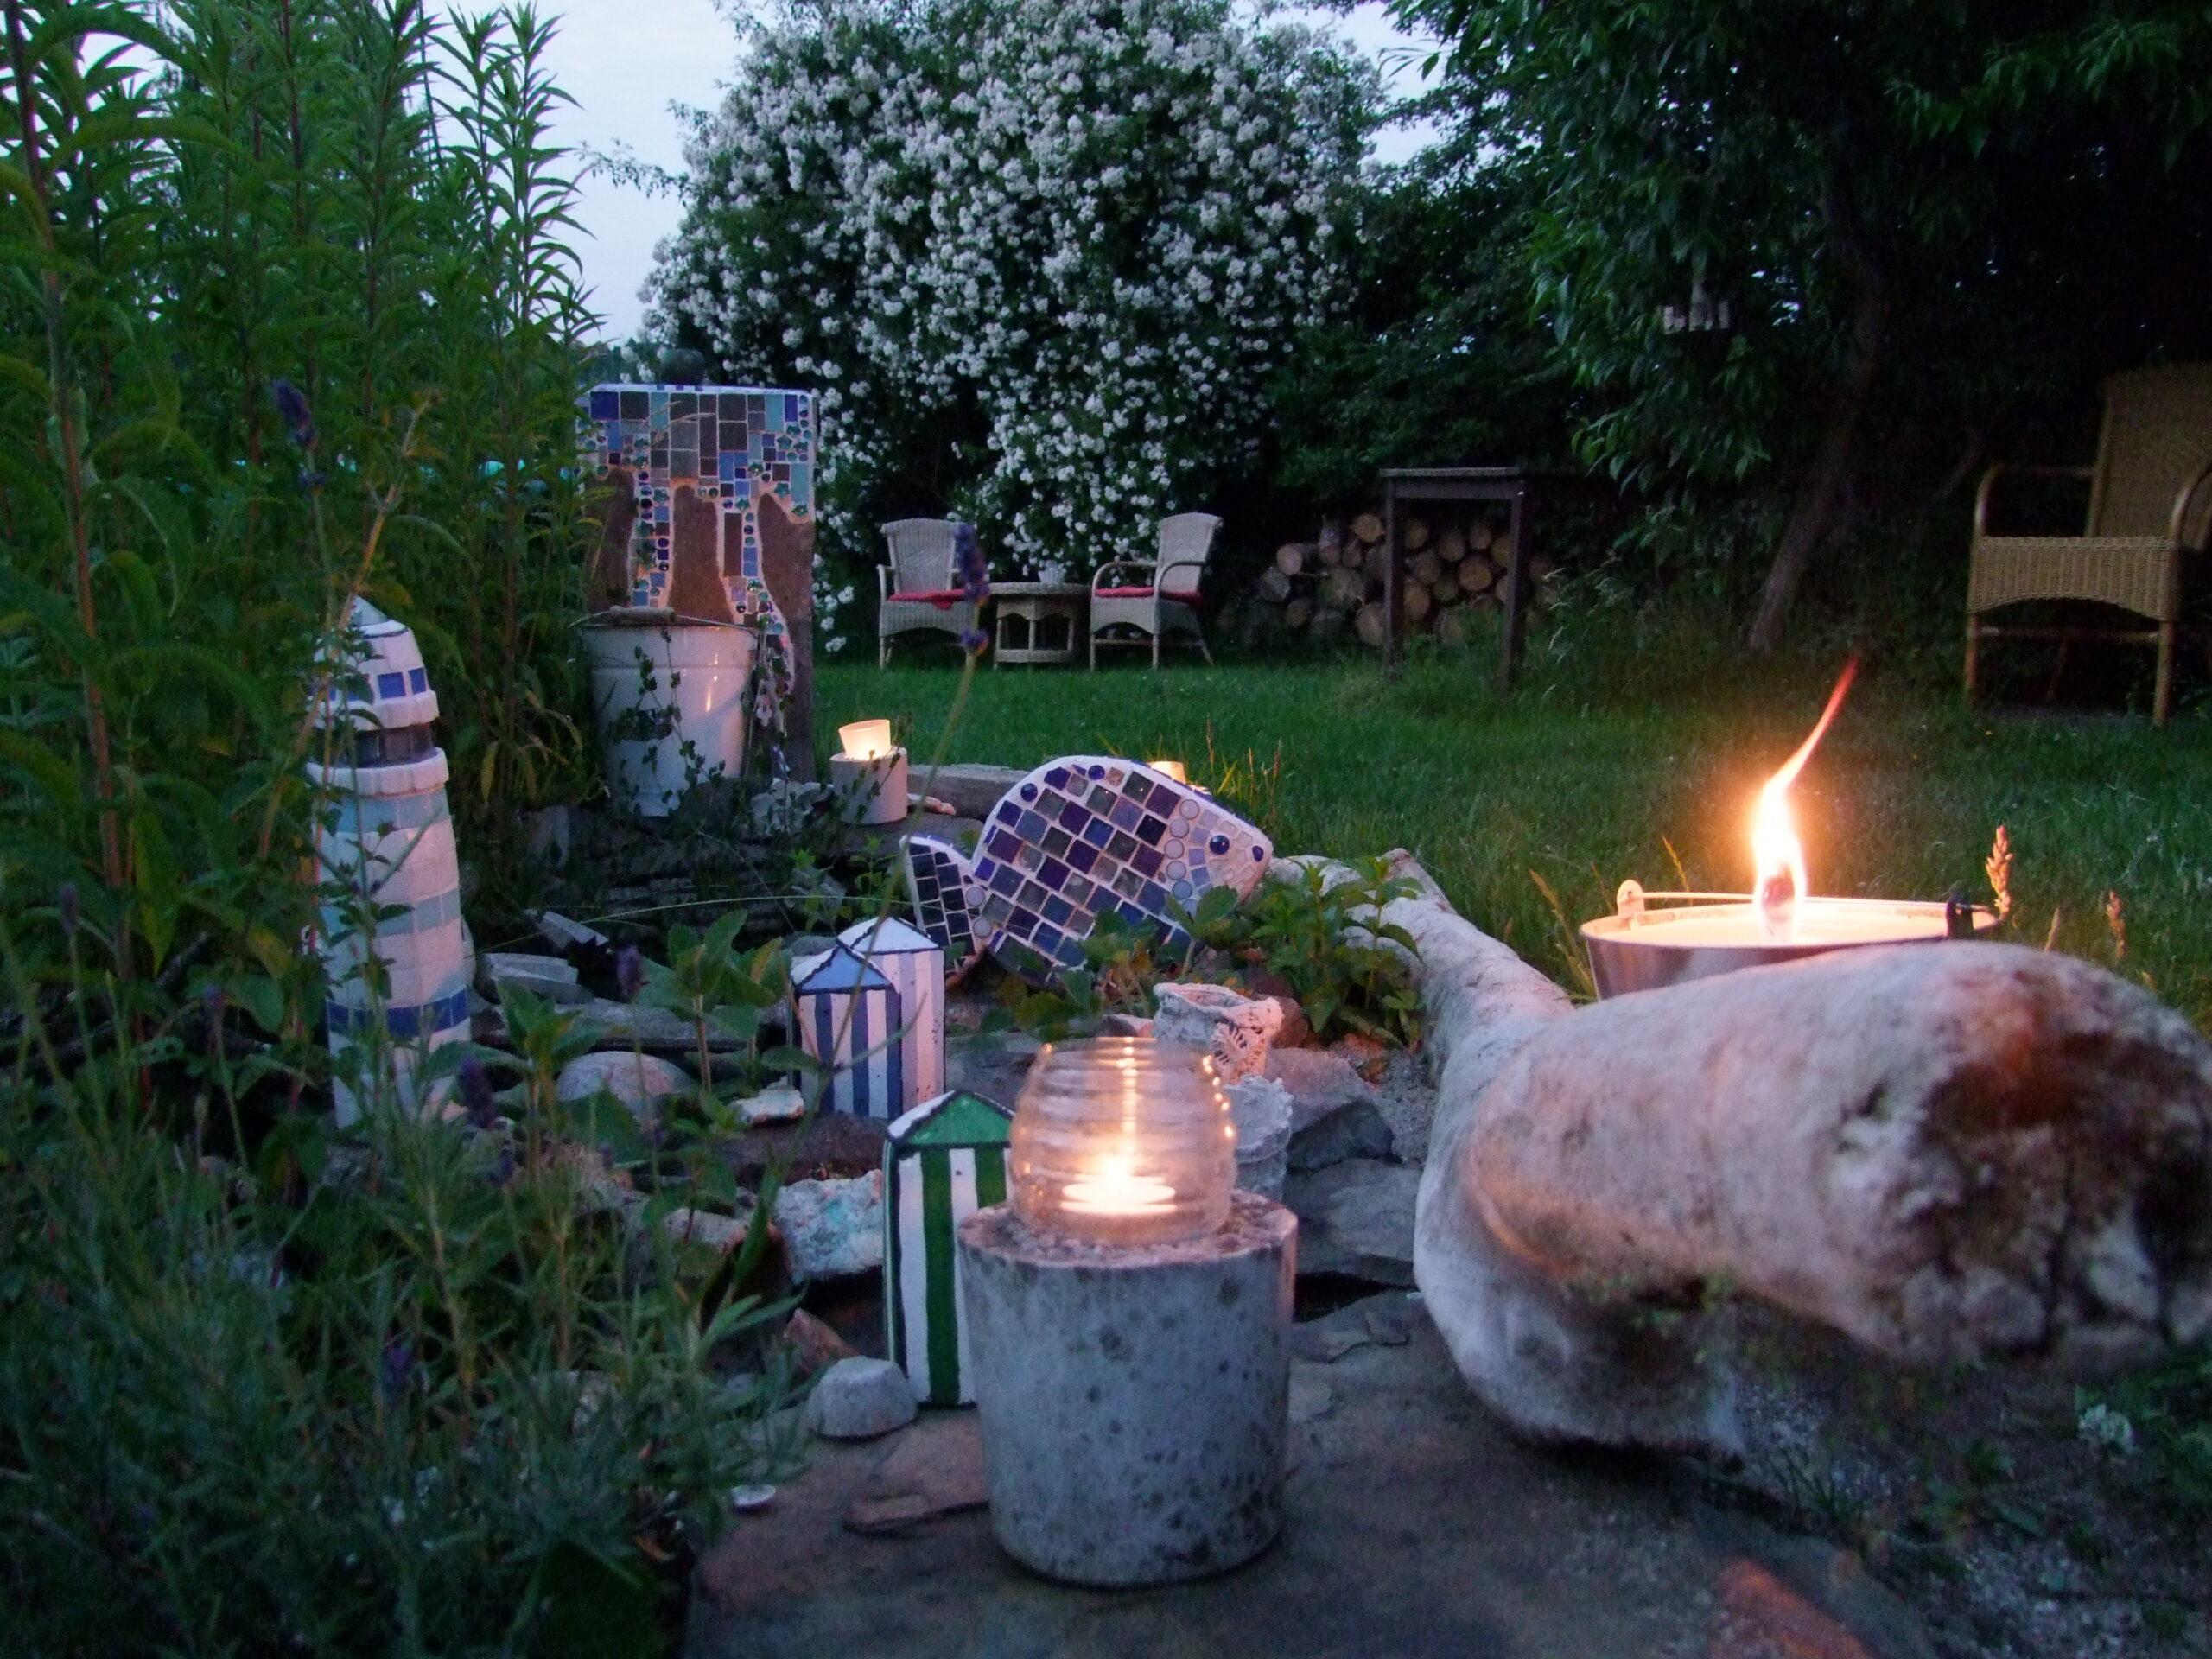 Full Size of Mosaik Im Garten Deko Inspirationen Und Tipps Spielhäuser Lampe Schlafzimmer Beistelltisch Rauch Relaxliege Wohnzimmer Relaxsessel Teppich überdachung Wohnzimmer Kunst Im Garten Selber Machen